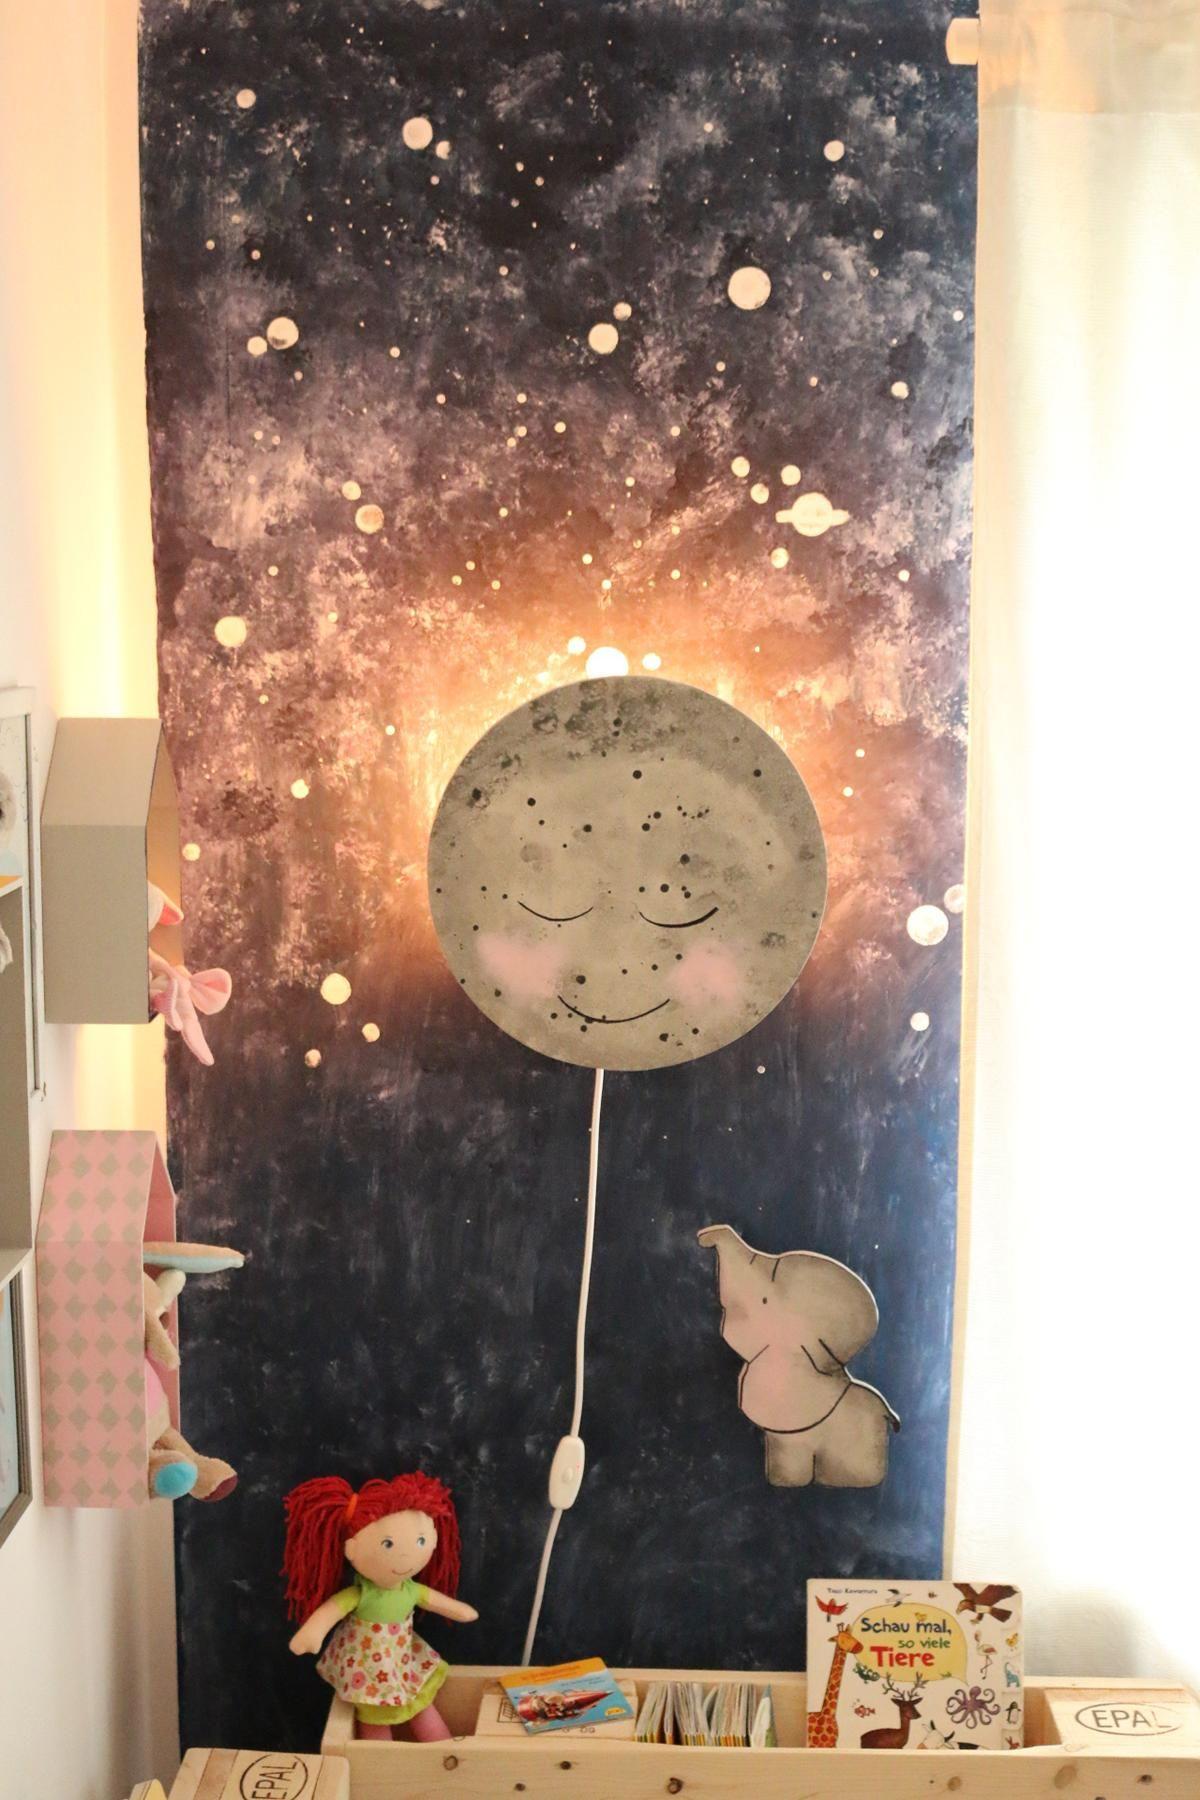 ᐅ Kinderzimmerlampe Selber Bauen Diy Kinderzimmer